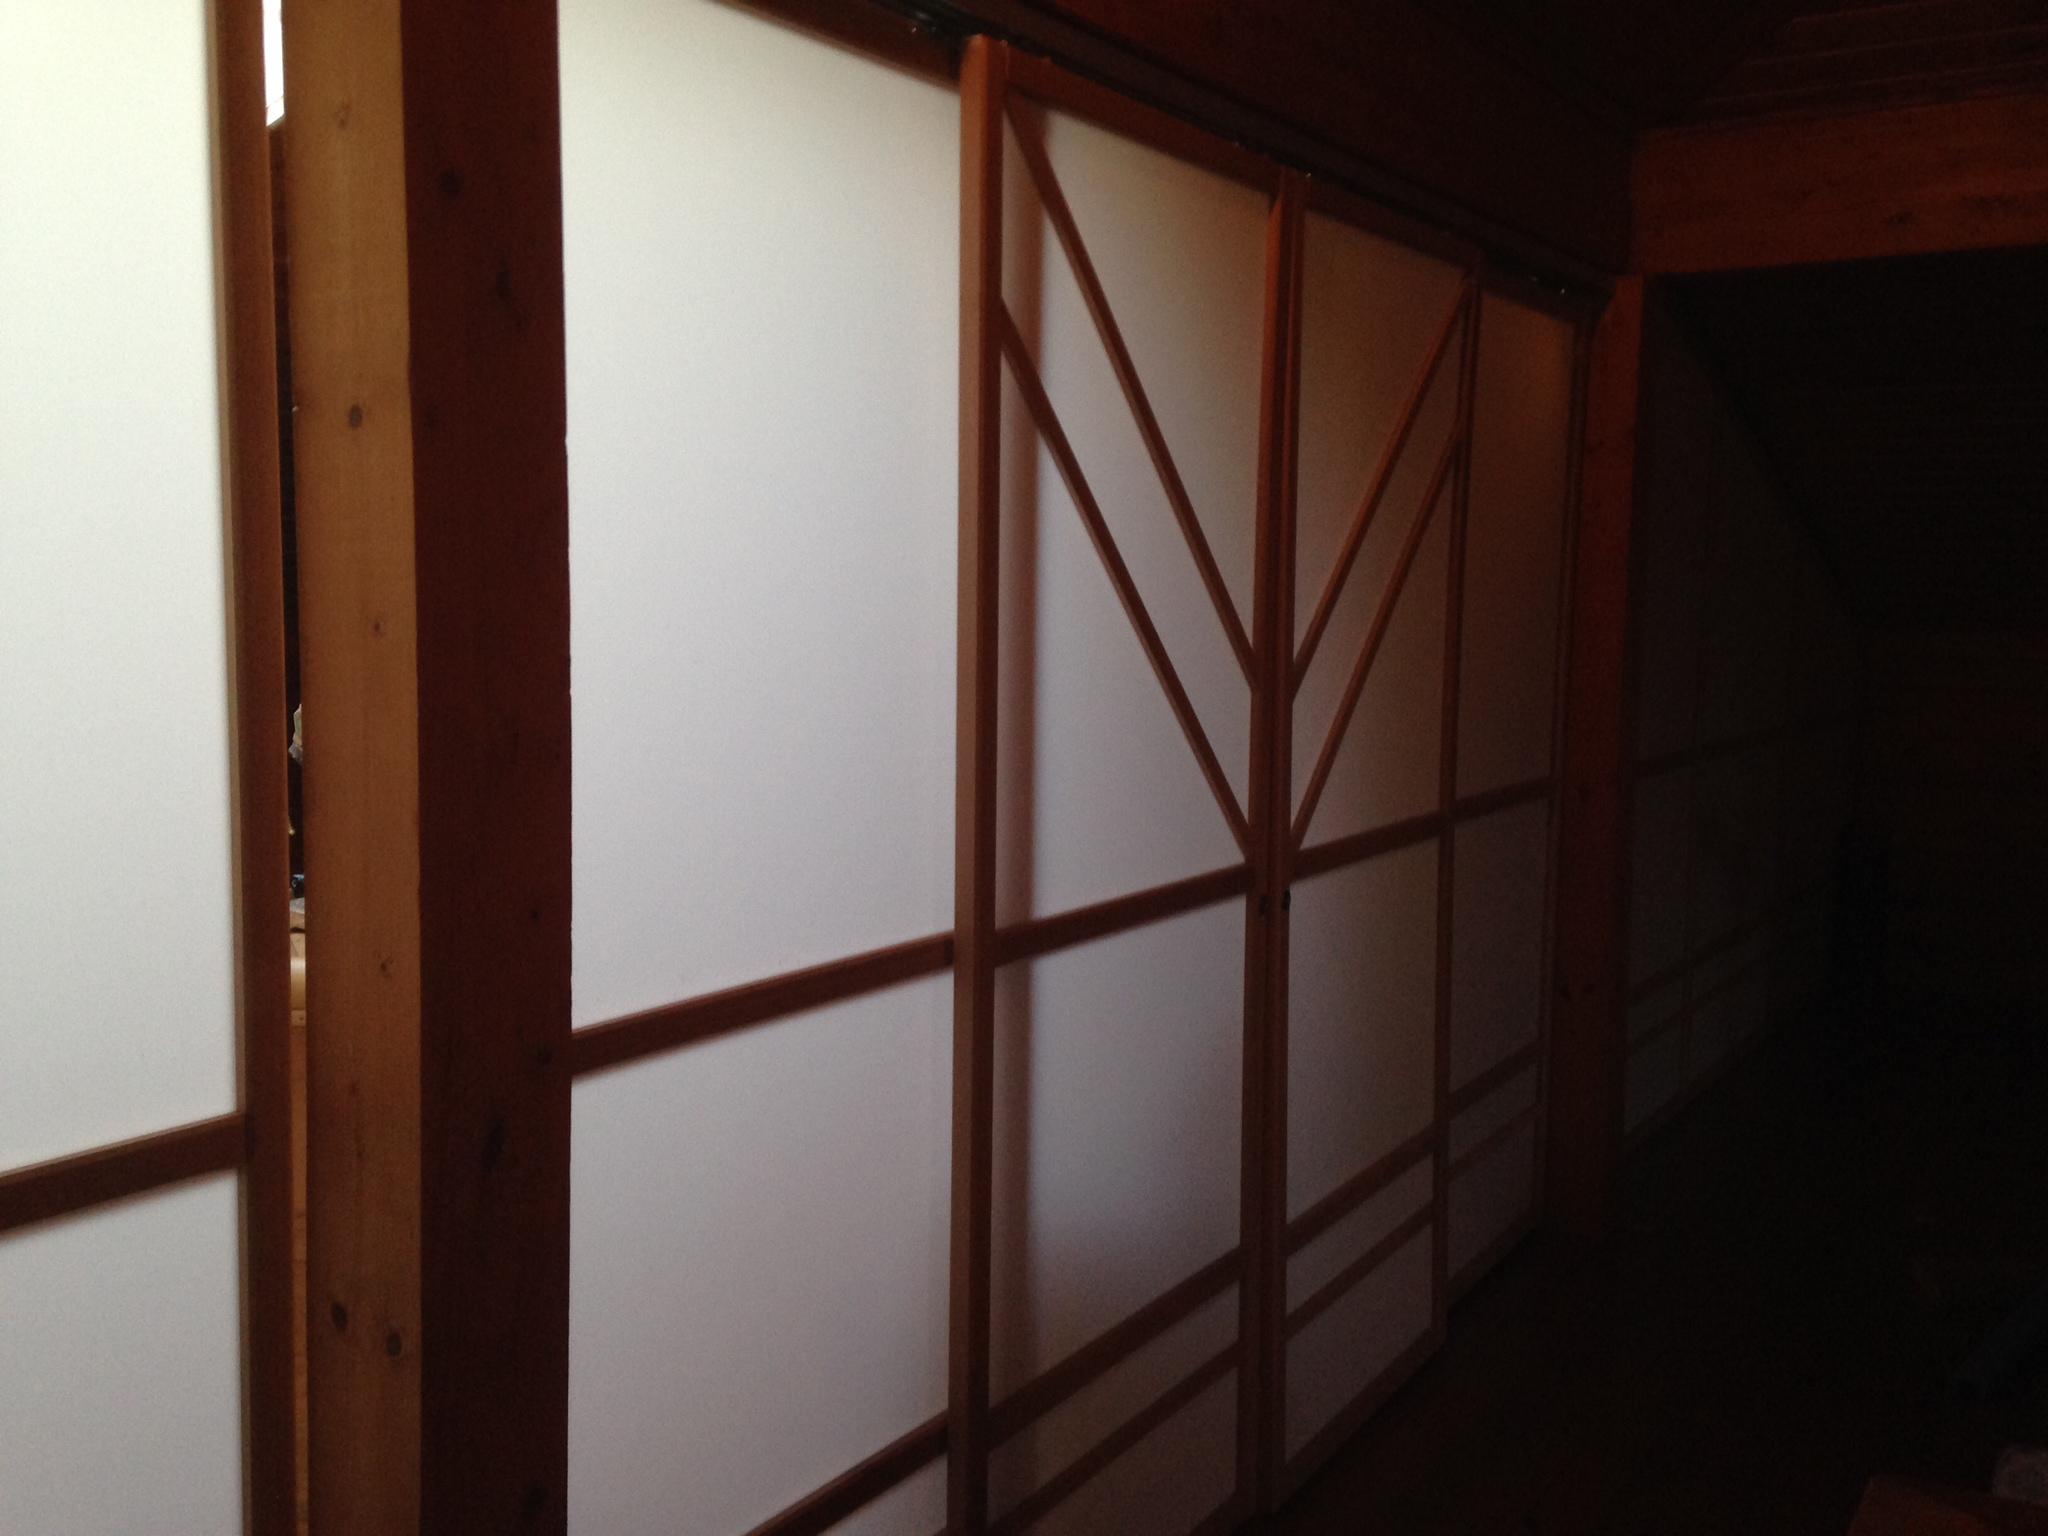 Cloison amovible juugatsu avec deux lignes en bois Cloisons coulissantes